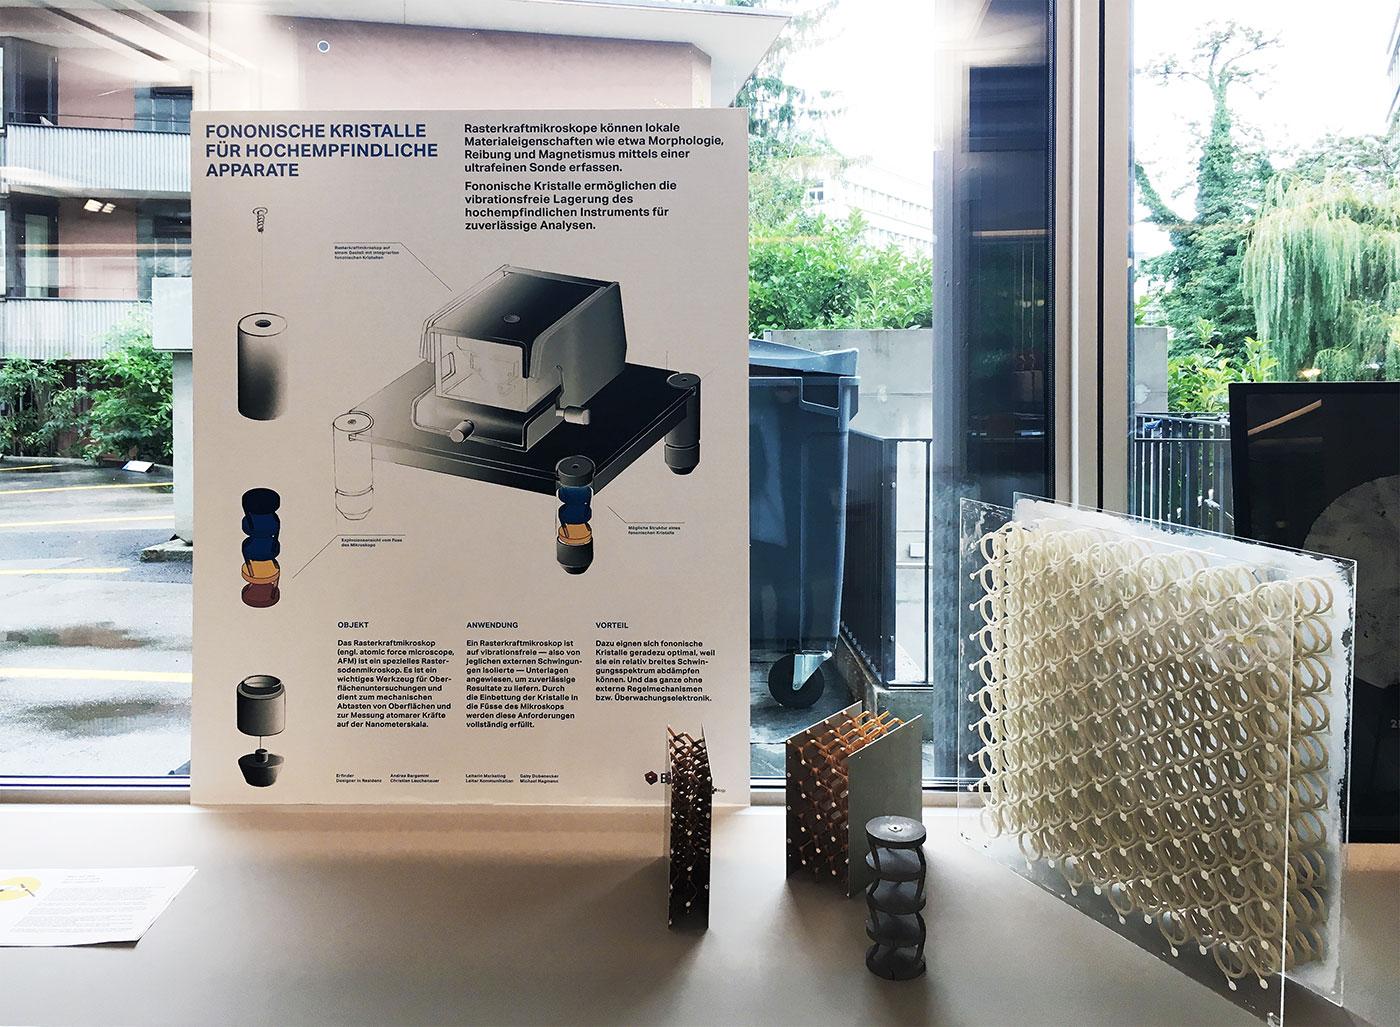 Design Biennale Zürich 2017, Bad Vibrations, Christian Lauchenauer, Empa (Foto: Design Biennale Zürich)